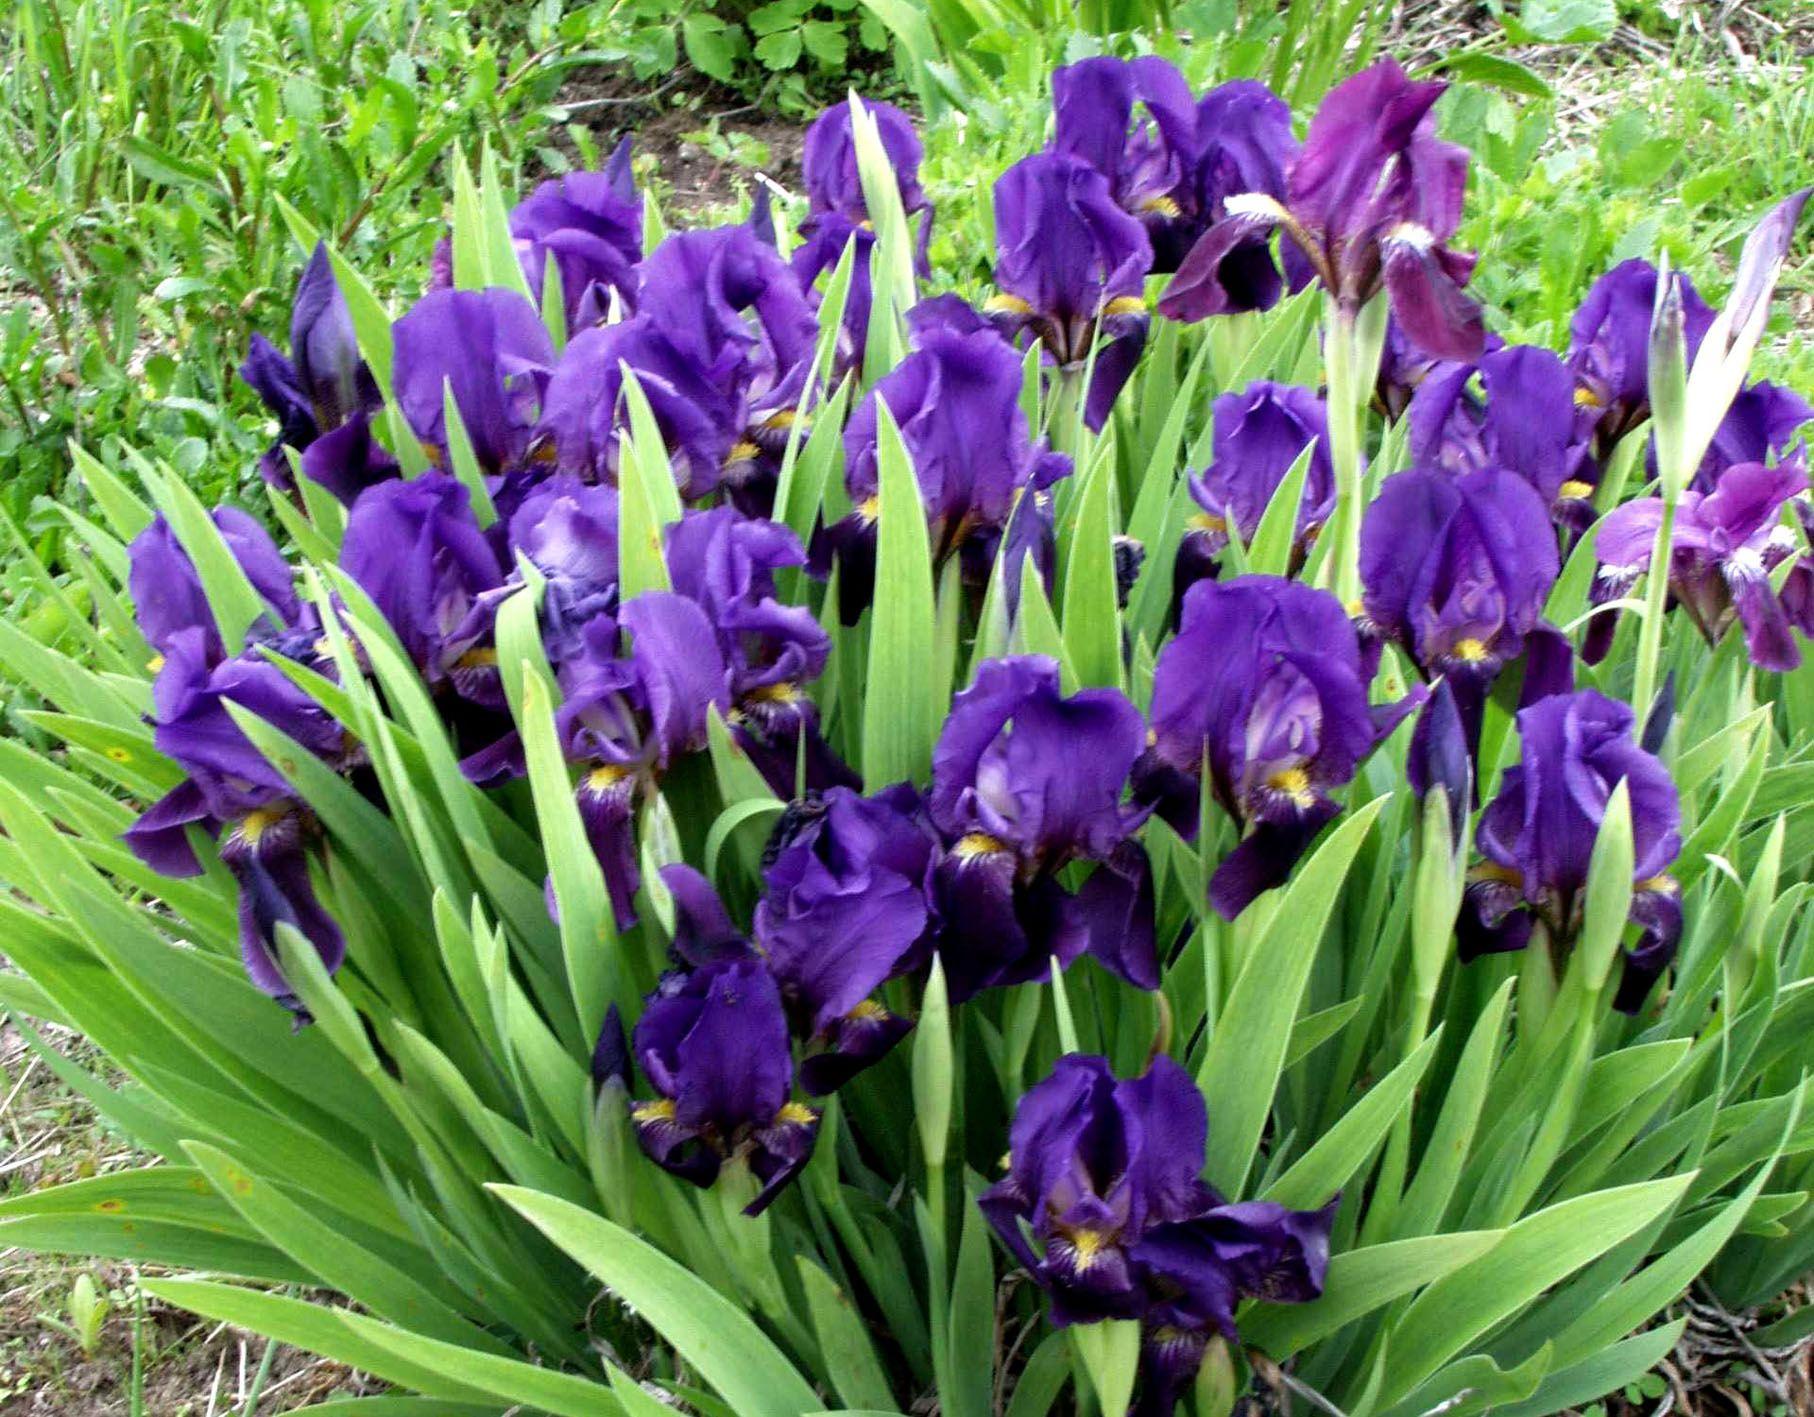 Iris Pumila-ryhm+ñ sinivioletti 30.5.03 AW